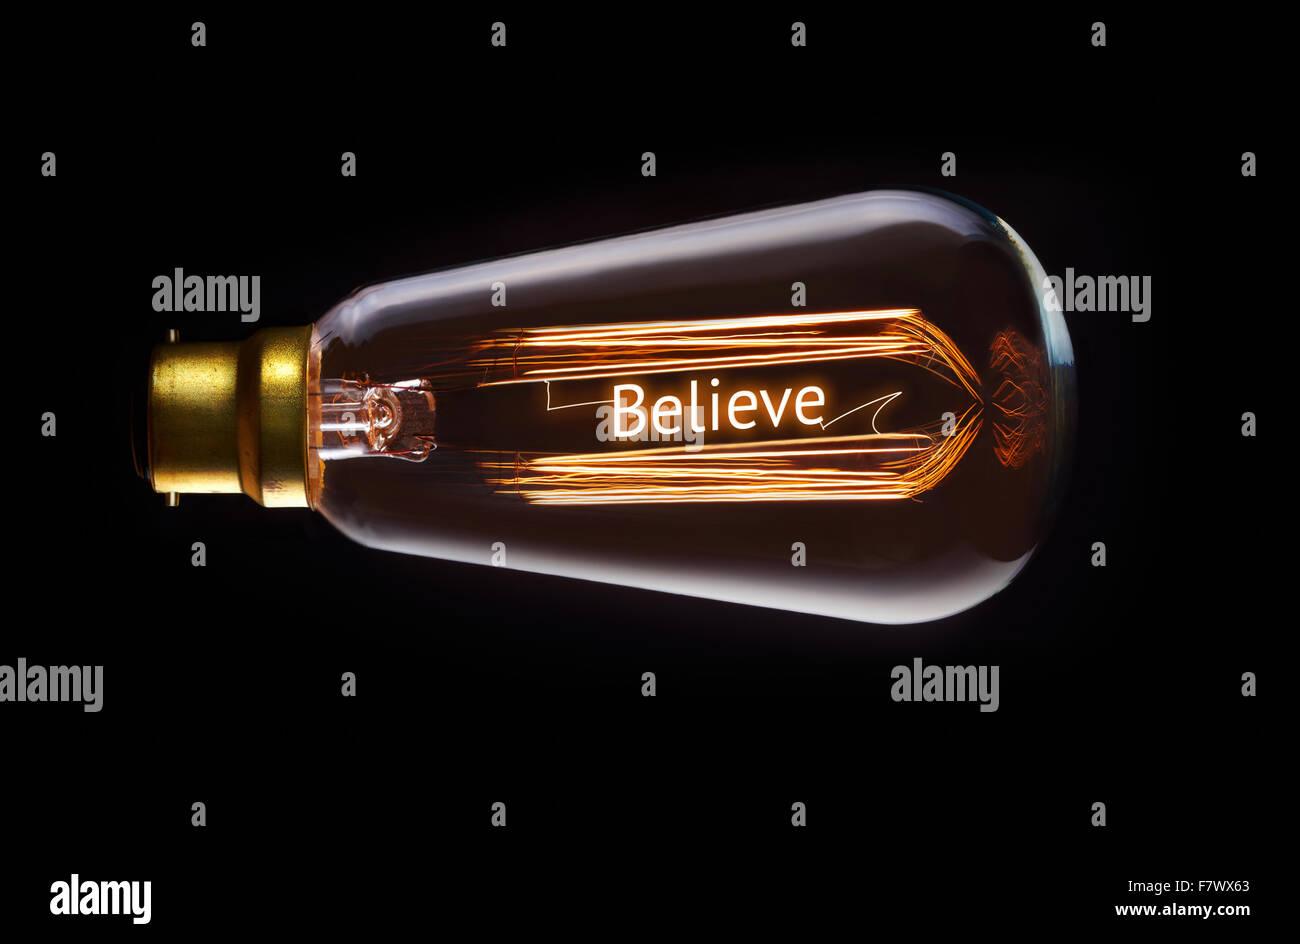 La religion, croire concept dans une ampoule à incandescence. Photo Stock